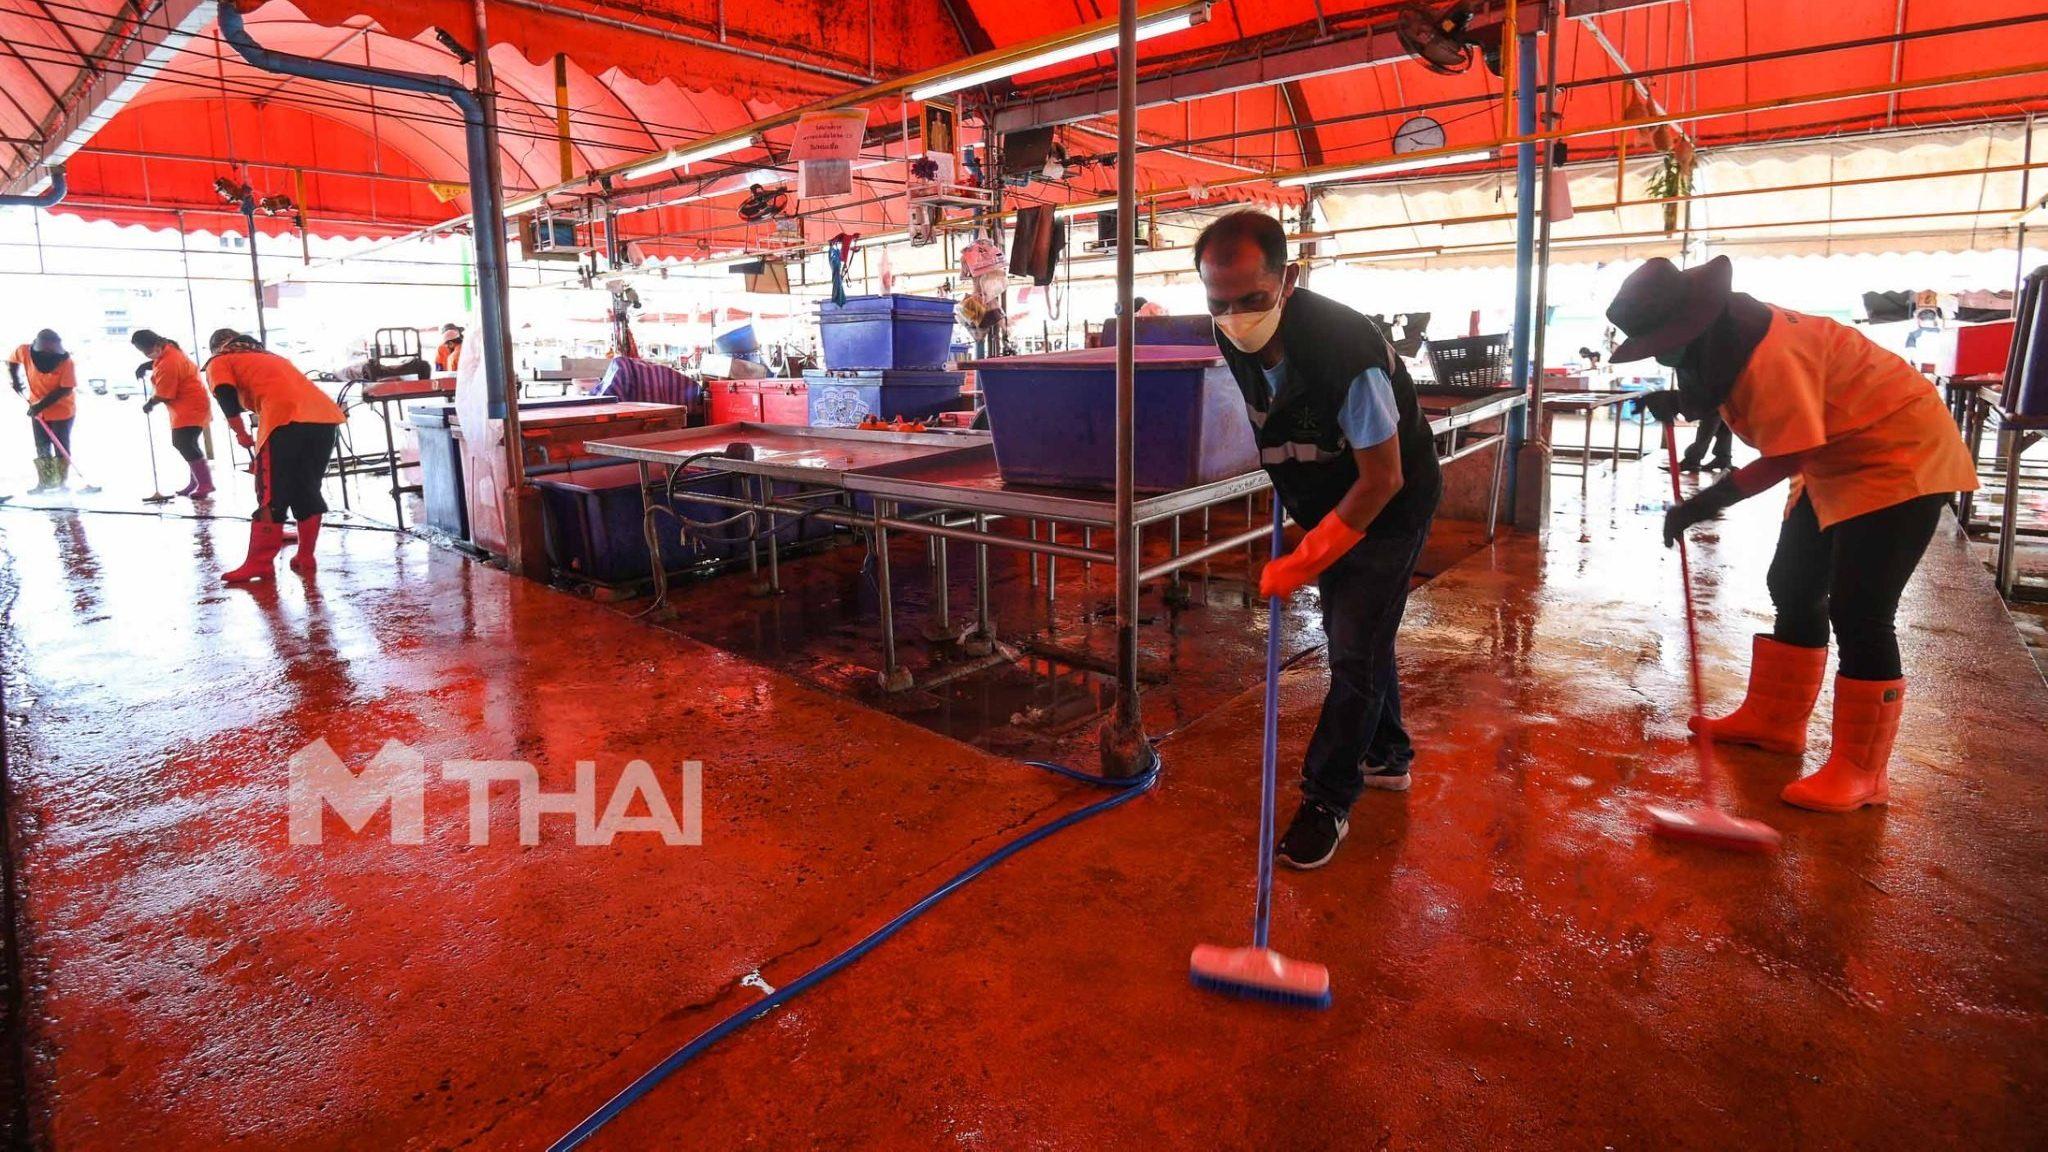 ตลาดบางใหญ่ ปิด 3 โซนตลาดกลางคืน ทำความสะอาดหลังพบผู้ติดเชื้อโควิด